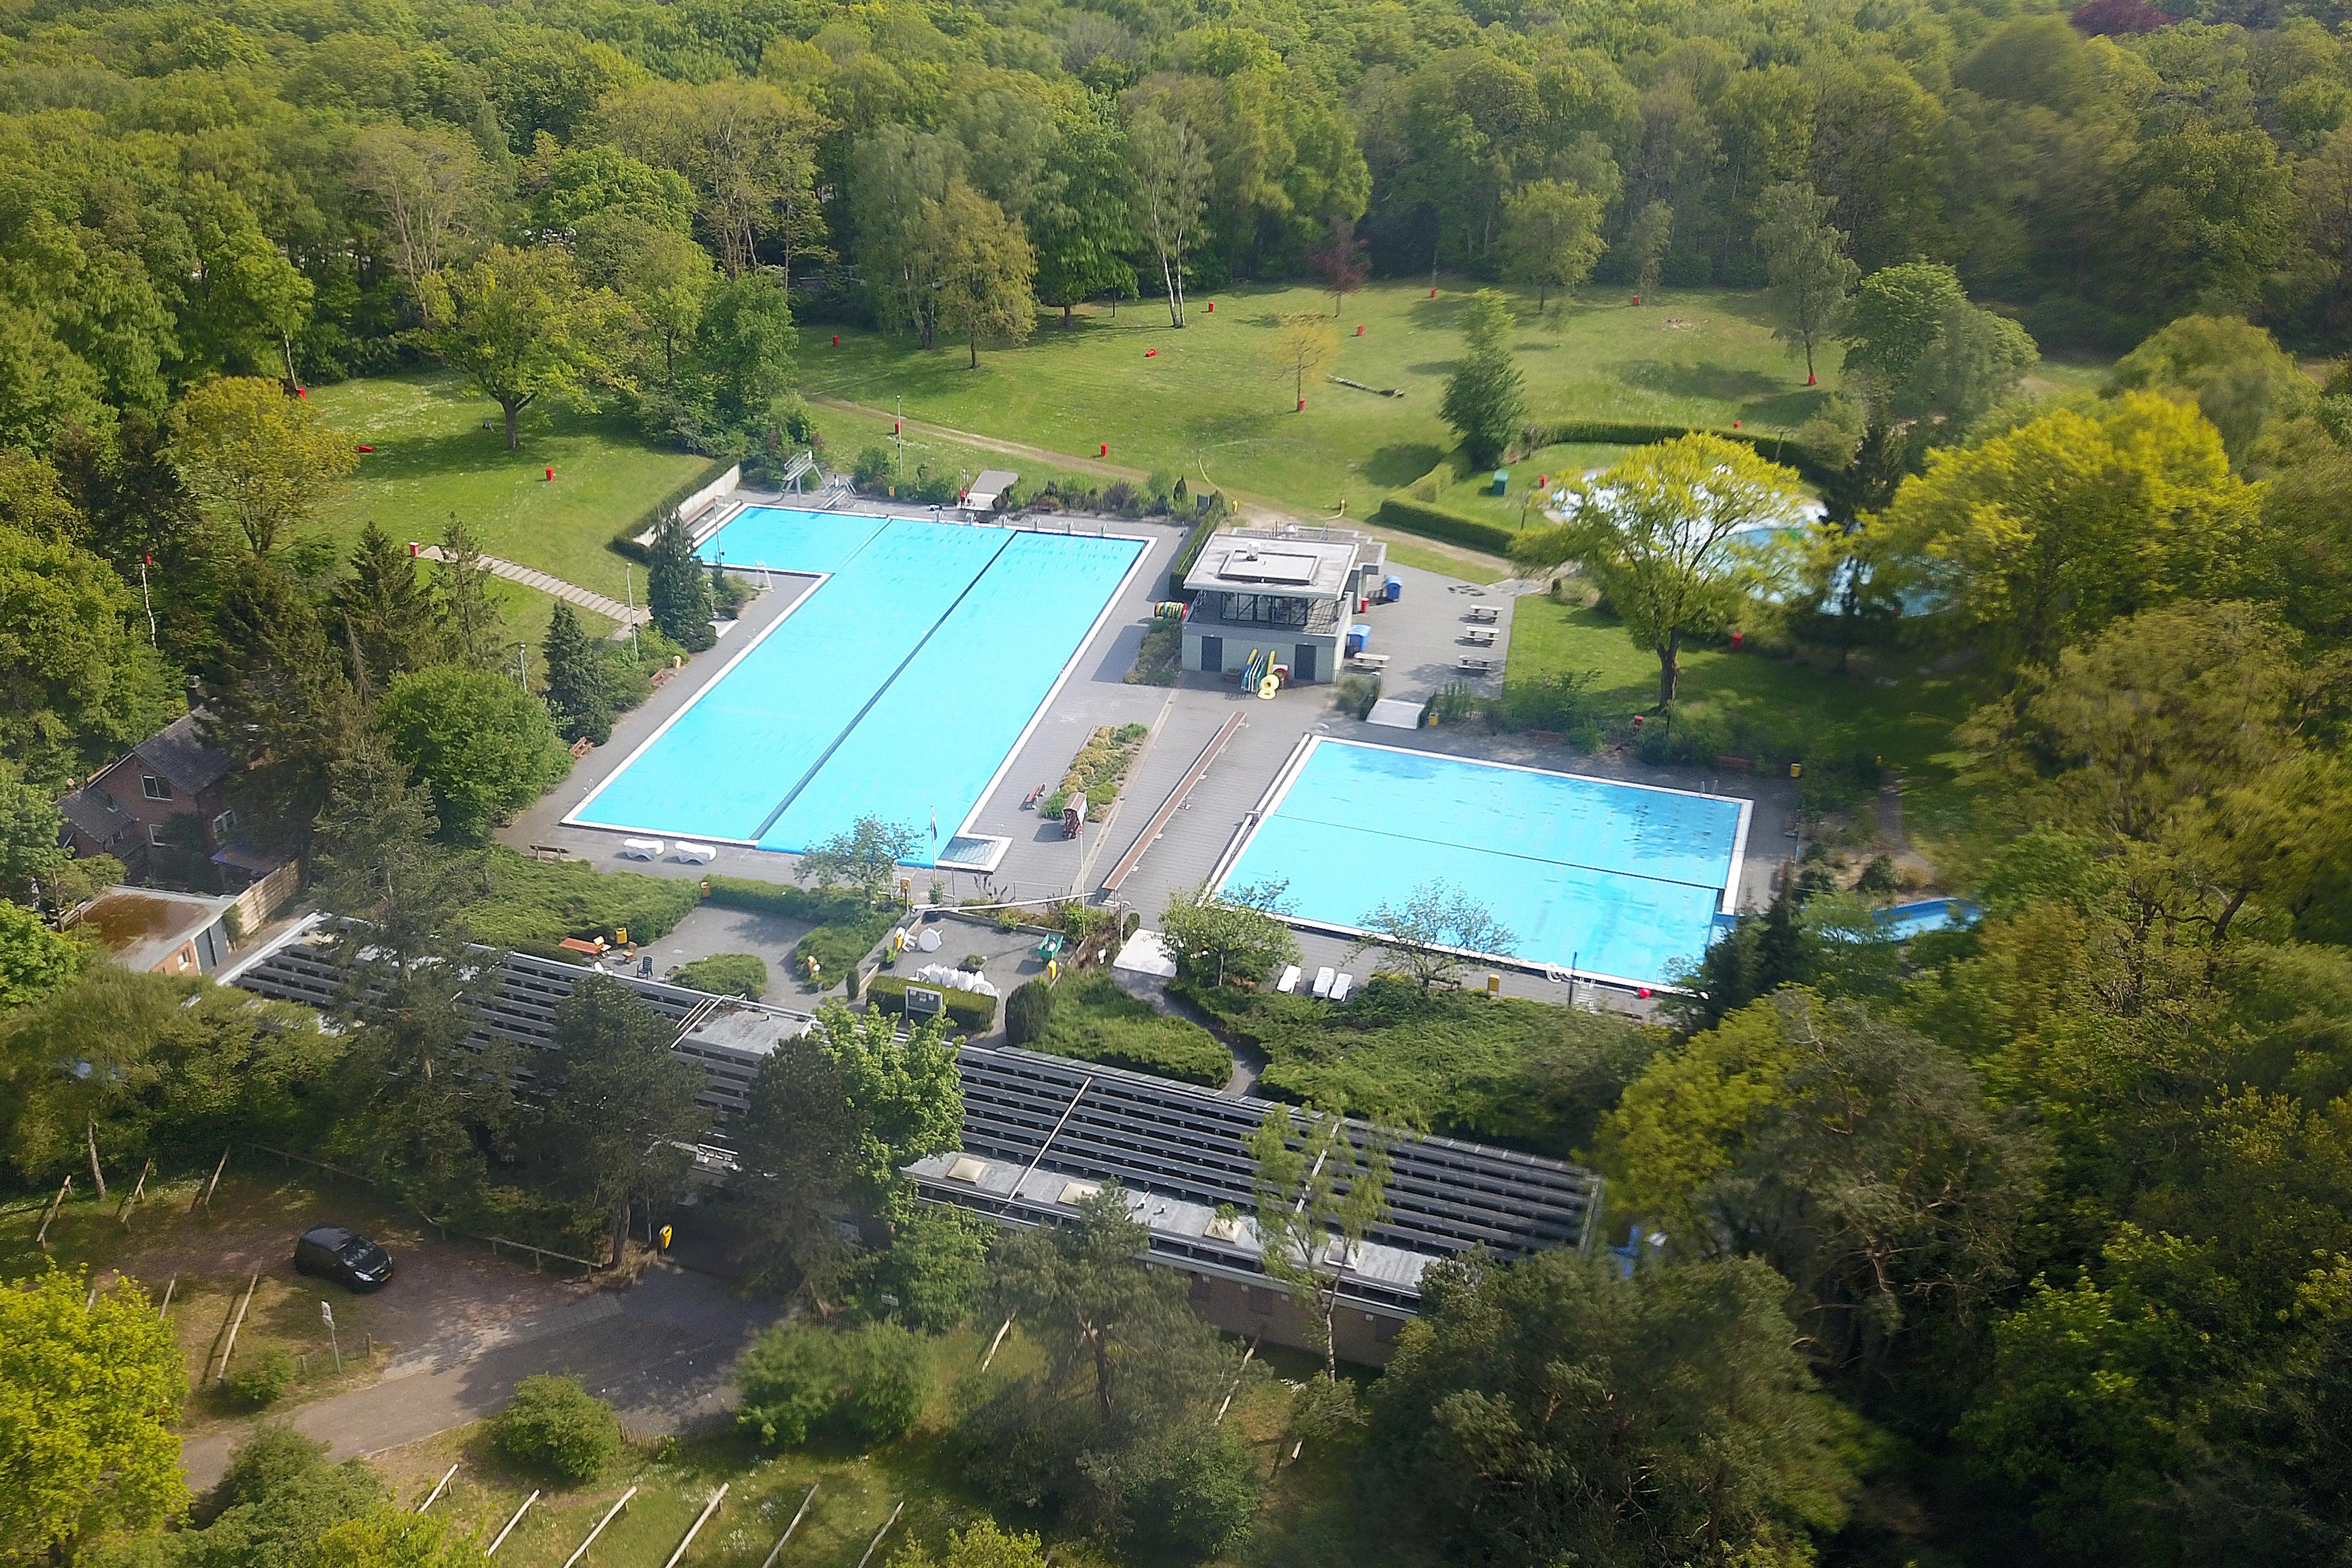 'De tourniquet bij Sijsjesberg is van het slot', maar nog geen zekerheid of het zwembad in Huizen ook echt weer open kan